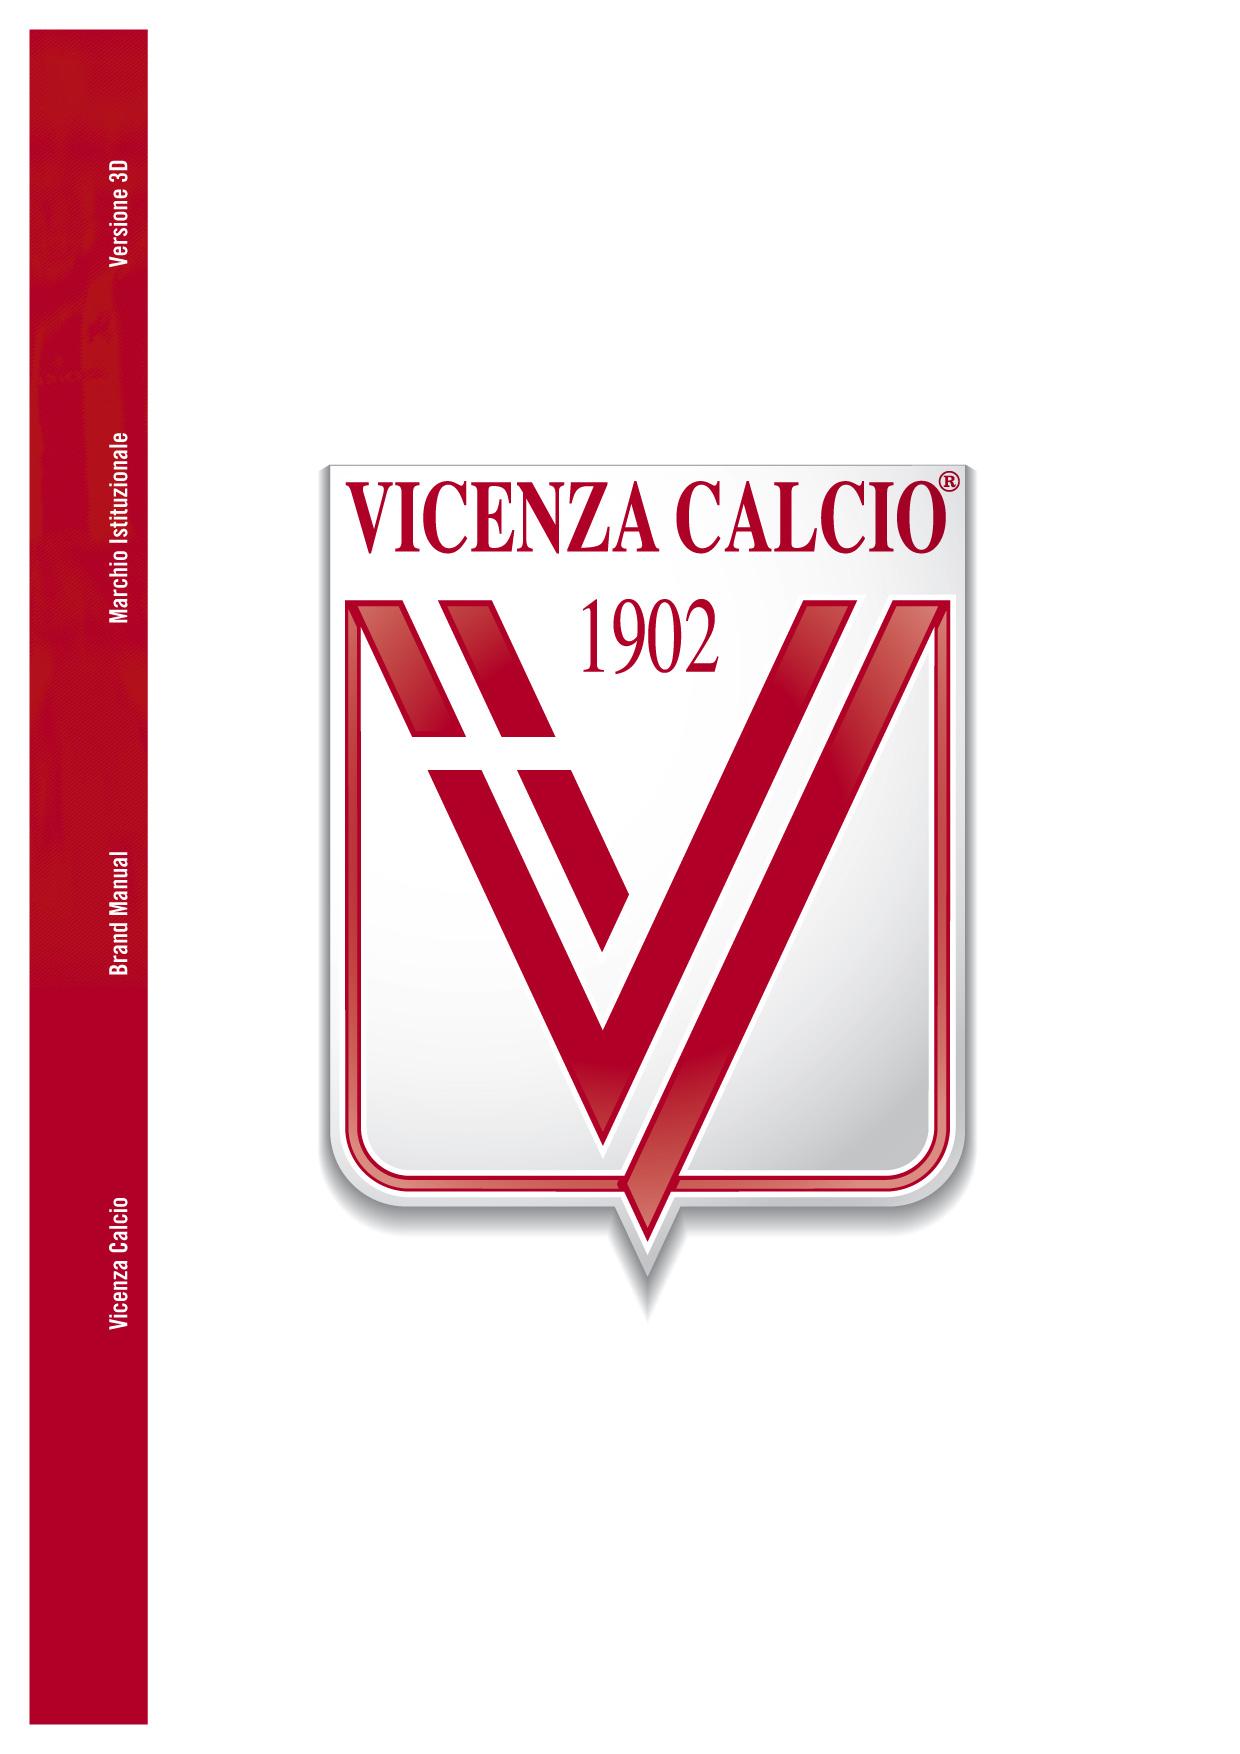 Brand Manual Vicenza Calcio